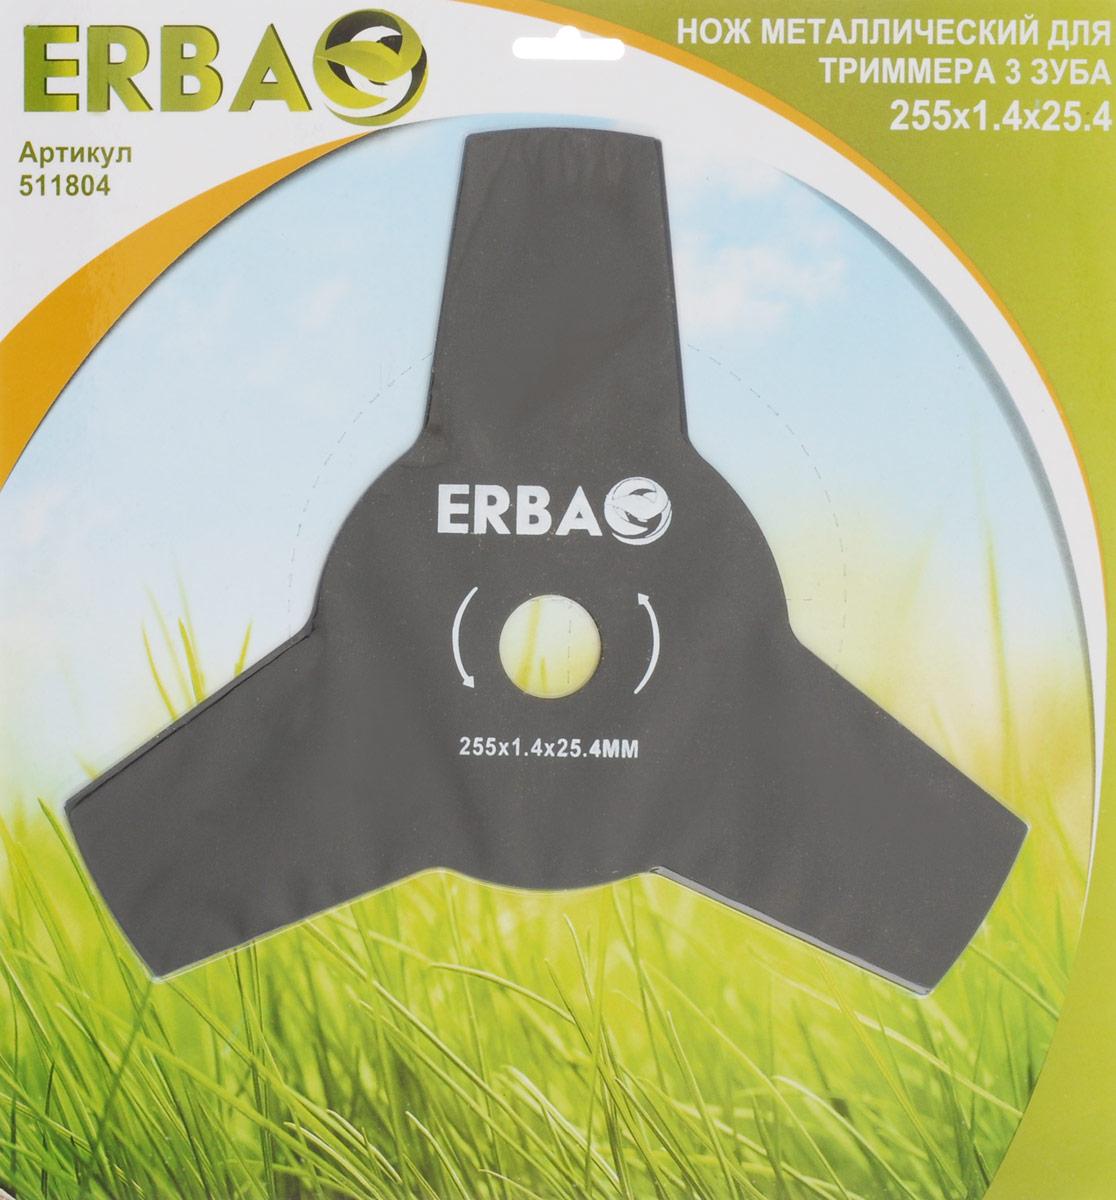 Нож для триммера Erba, диаметр 255 мм, толщина 1,4 мм511804Нож Erba, выполненный из стали, имеет три режущих зубца. Изделие предназначено для любого вида триммера, где предусмотрена установка ножа. Нож Erba используется для скашивания жесткой и сухой травы. При соблюдении правил эксплуатации данный нож прослужит длительное время. Количество зубцов: 3 шт.